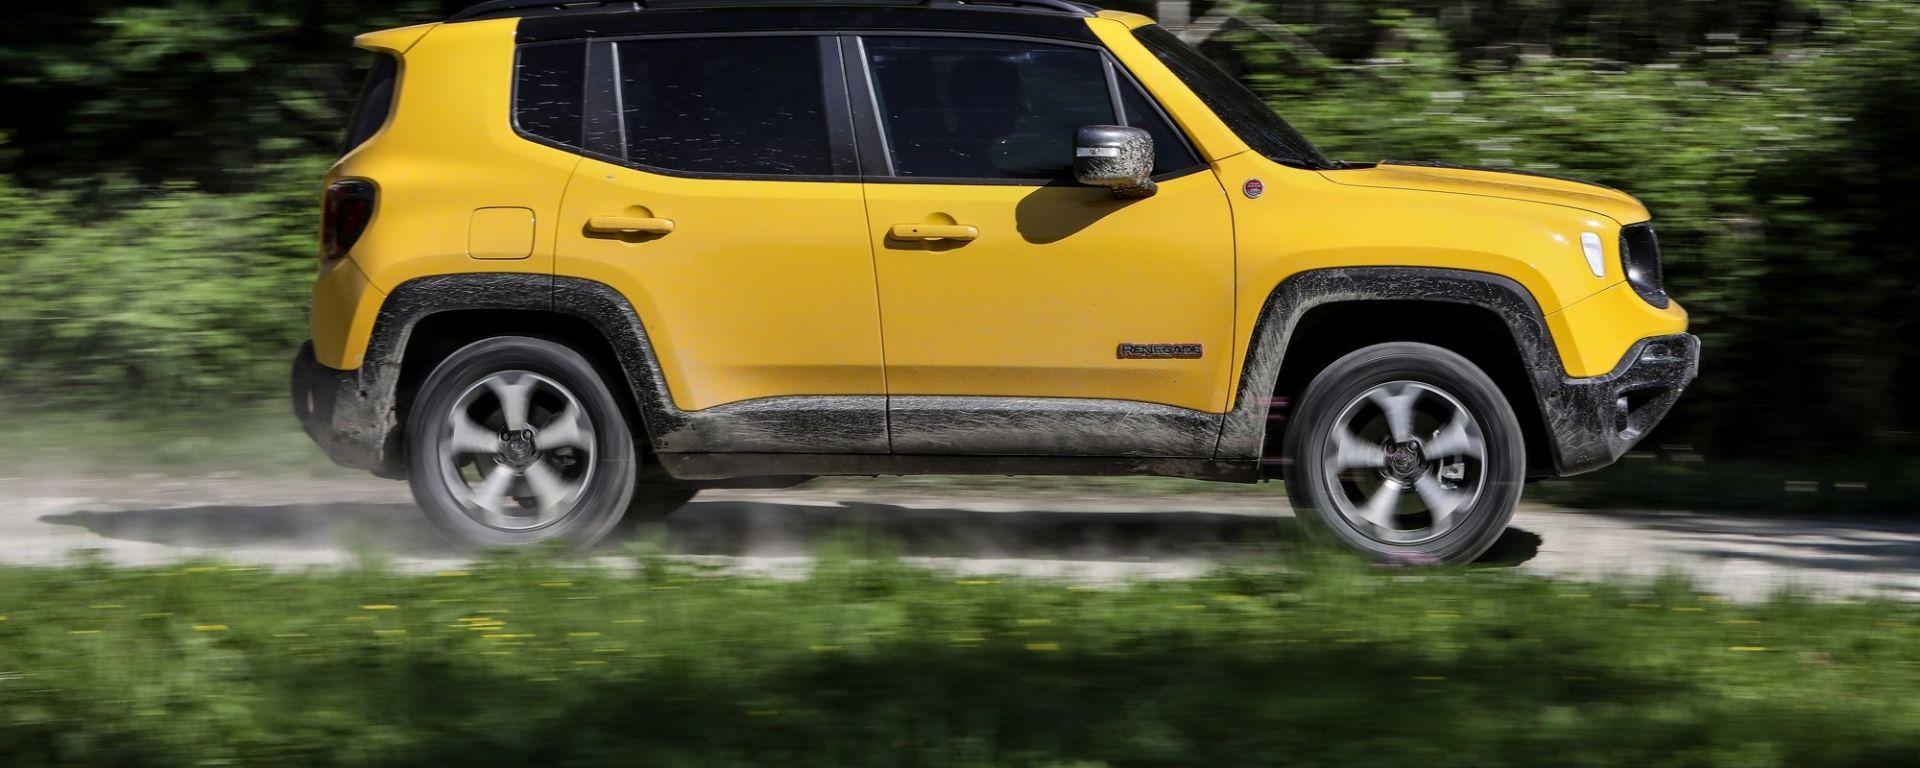 Nuova Jeep Renegade Ibrida Plug In In Produzione A Melfi Dal 2020